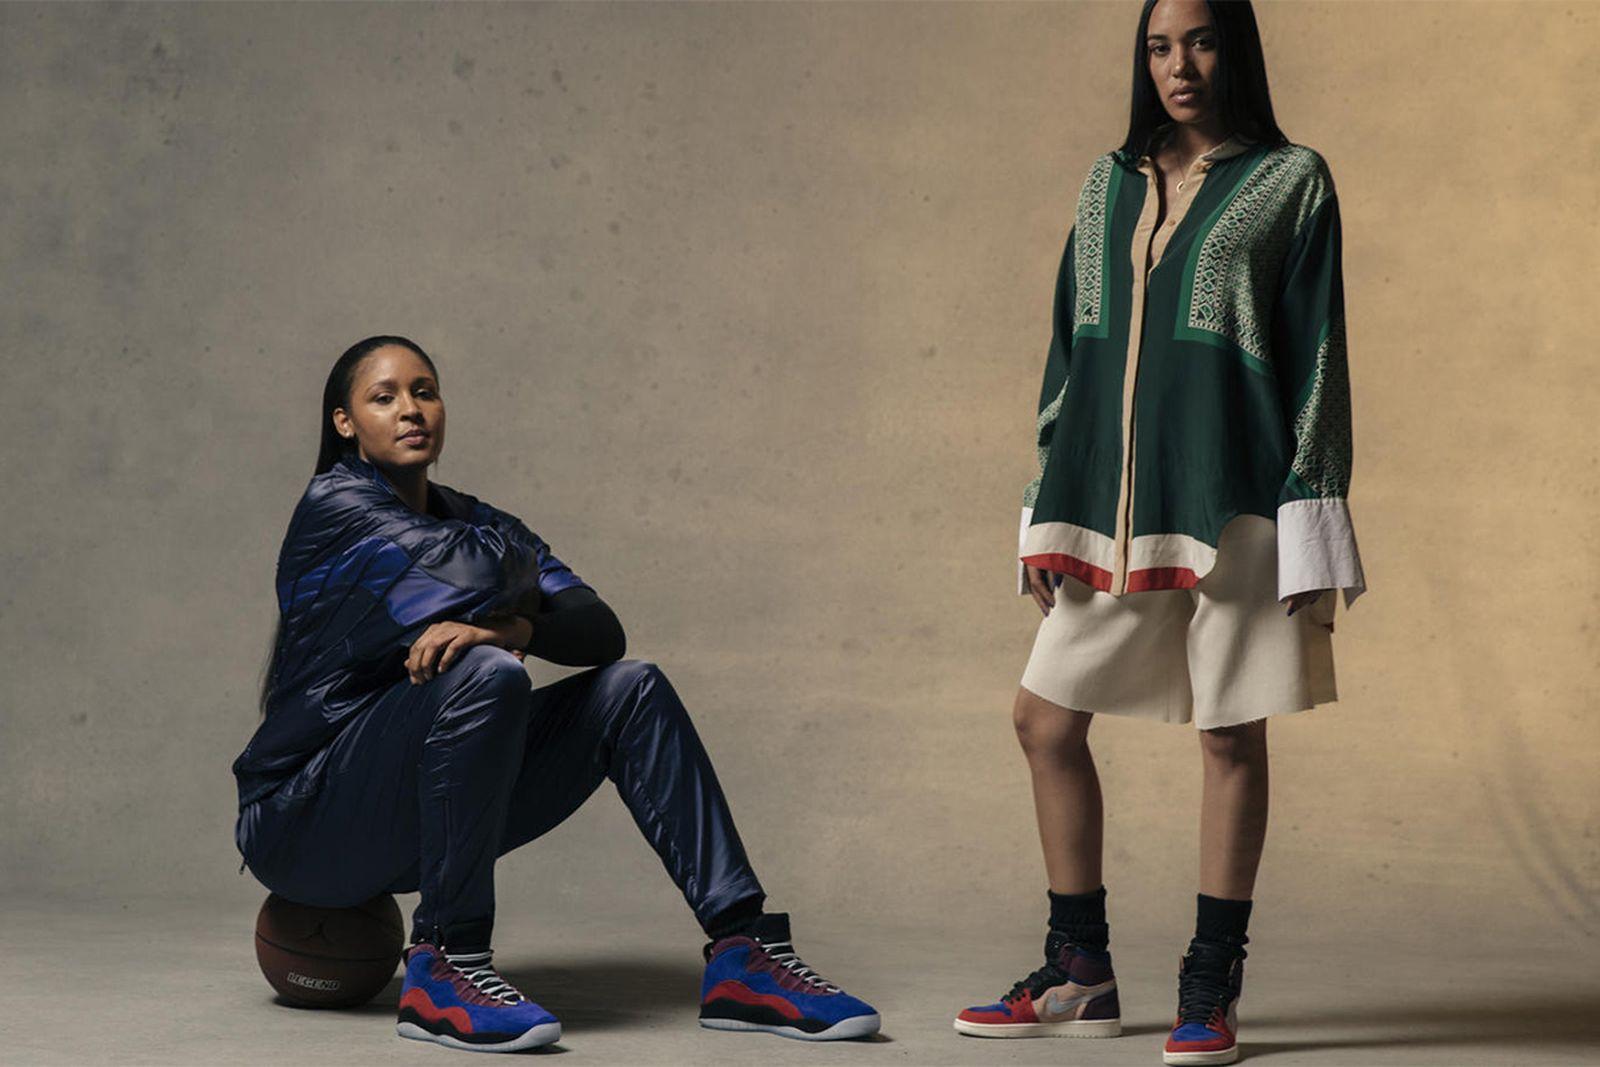 maya moore aleali may air jordan release date price Air Jordan X Nike air jordan 1